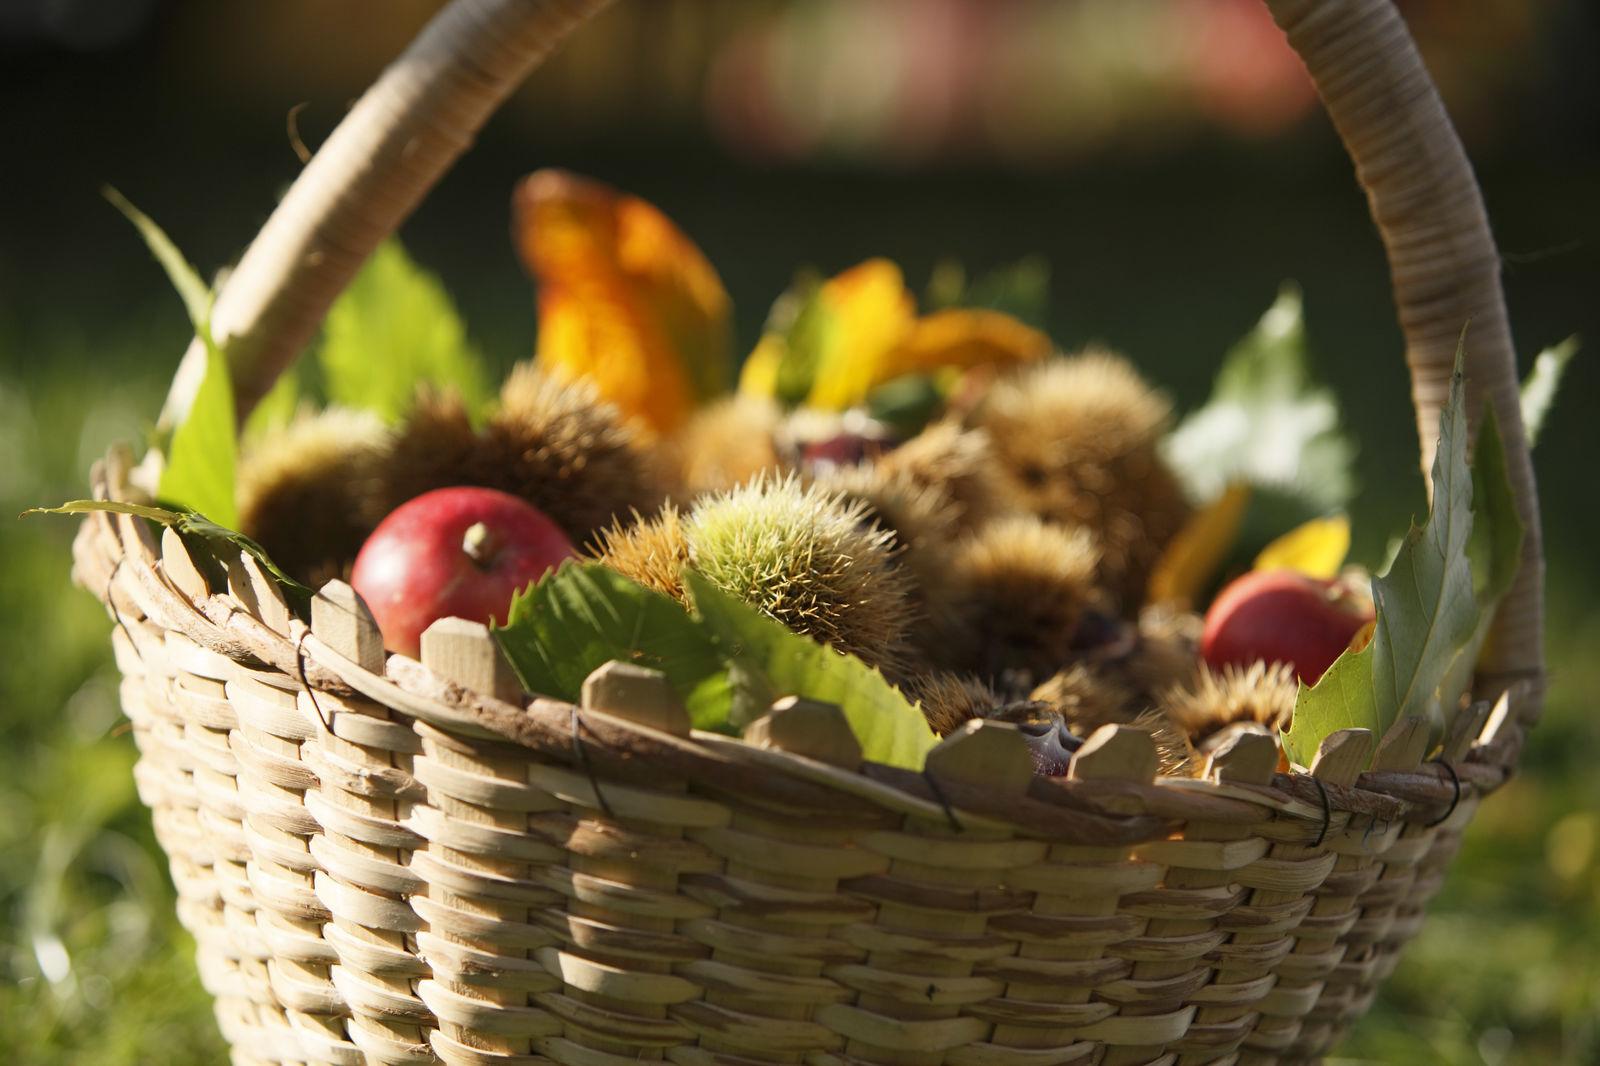 Marradi - Dall'albero del pane alla torta di marroni - Toscana Ovunque Bella